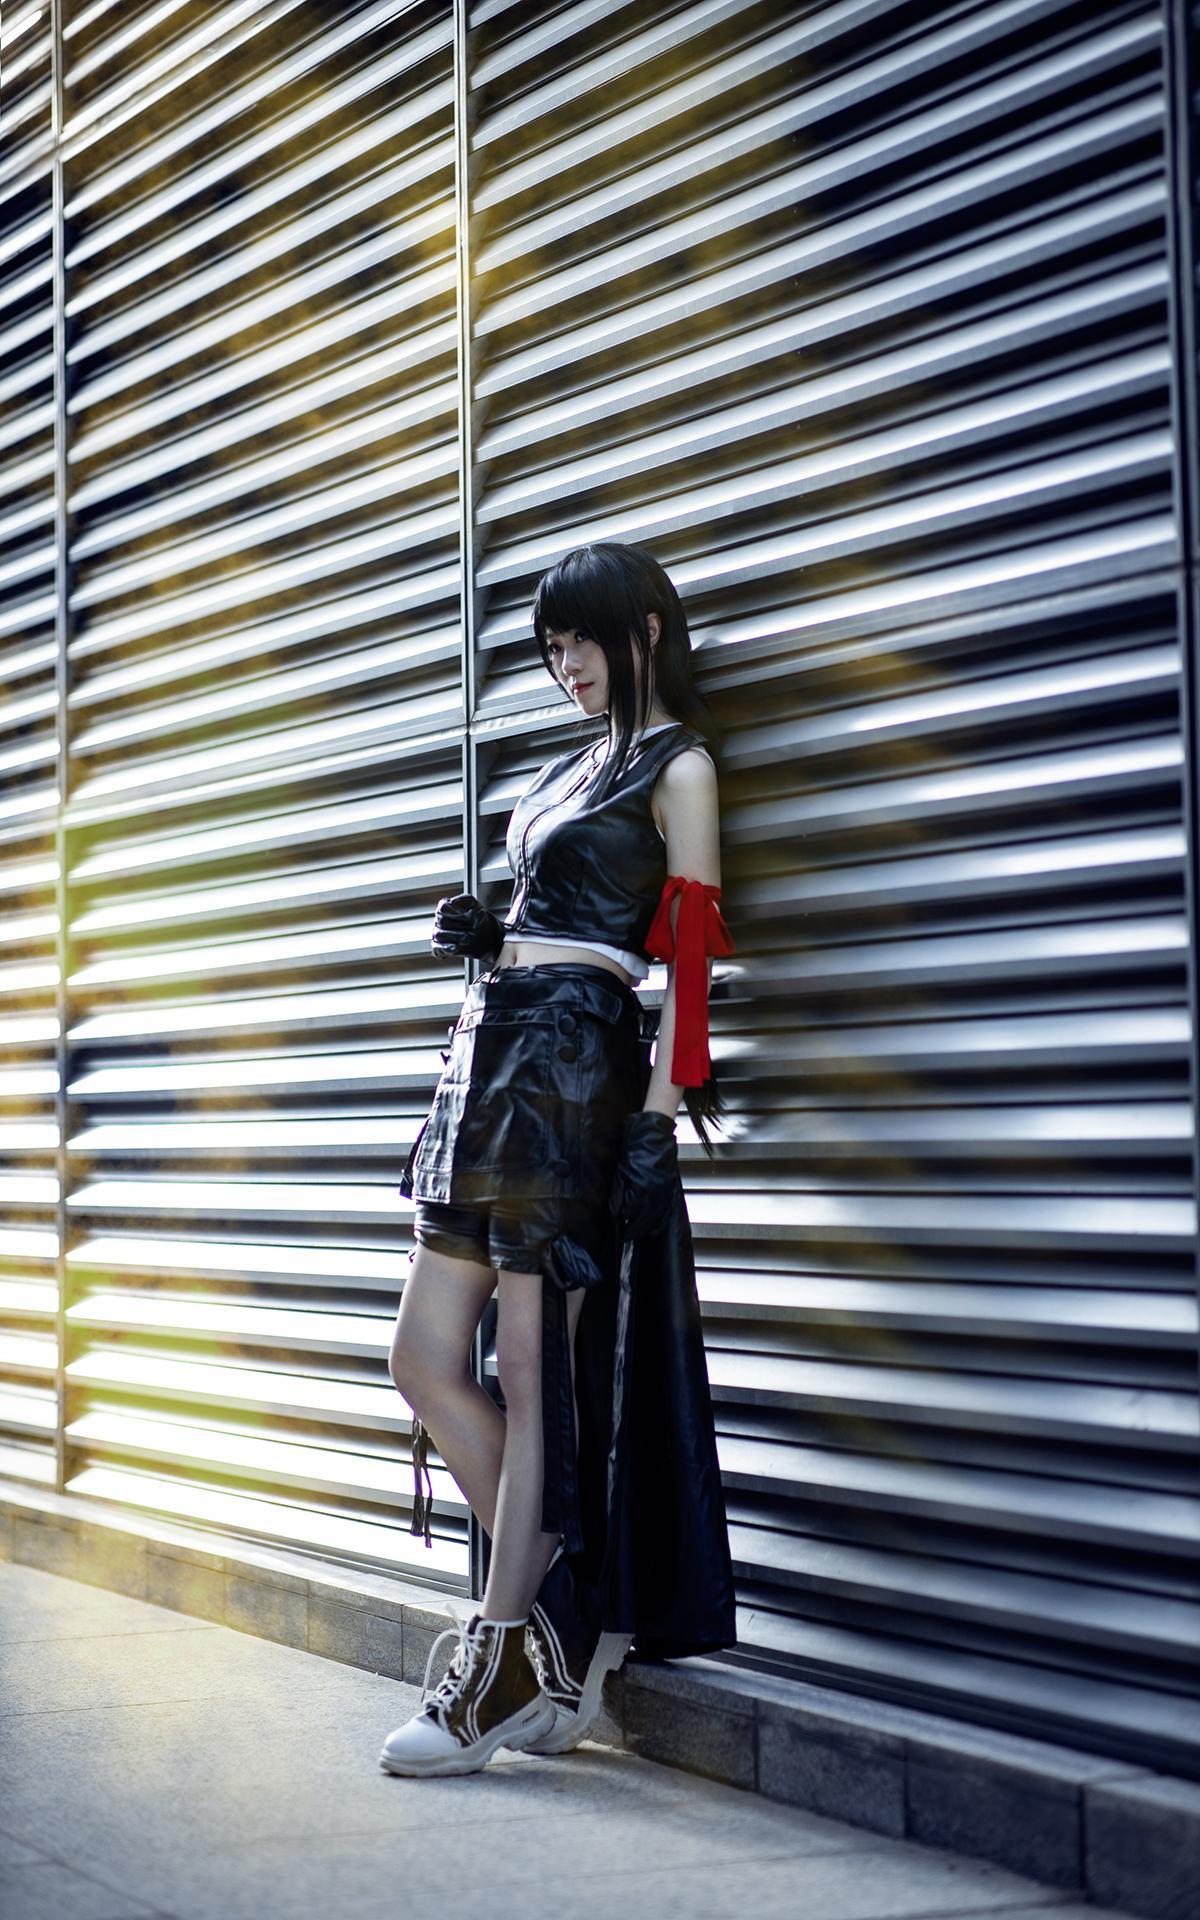 《最终幻想》最终幻想蒂法cosplay【CN:Suweit】-第4张